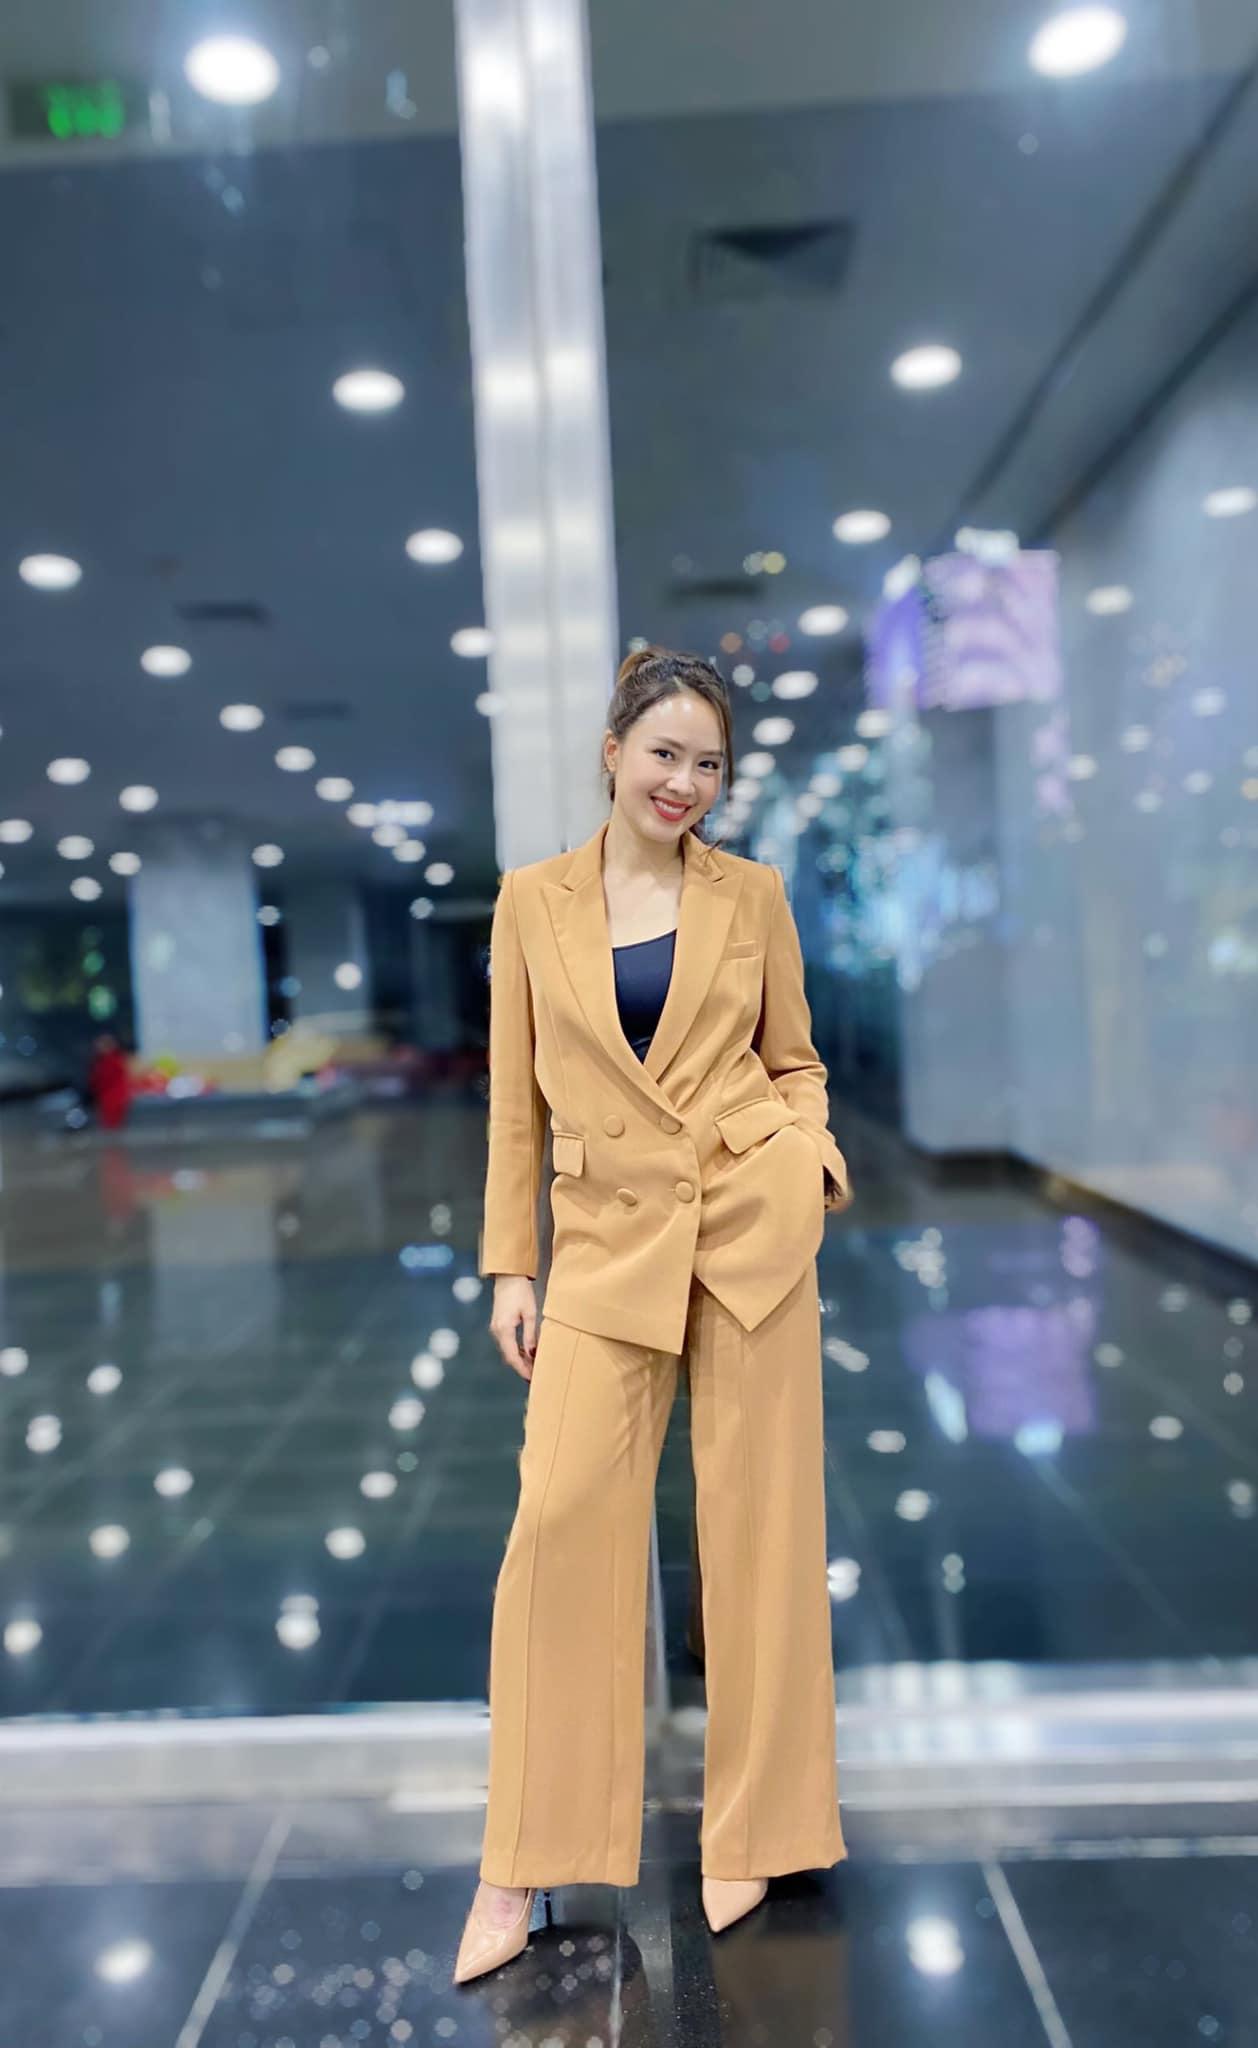 Hồng Diễm hoá thân nàng công chúa tuổi U40, không váy đầm bồng bềnh vẫn đẹp vượt mặt đàn em - 8